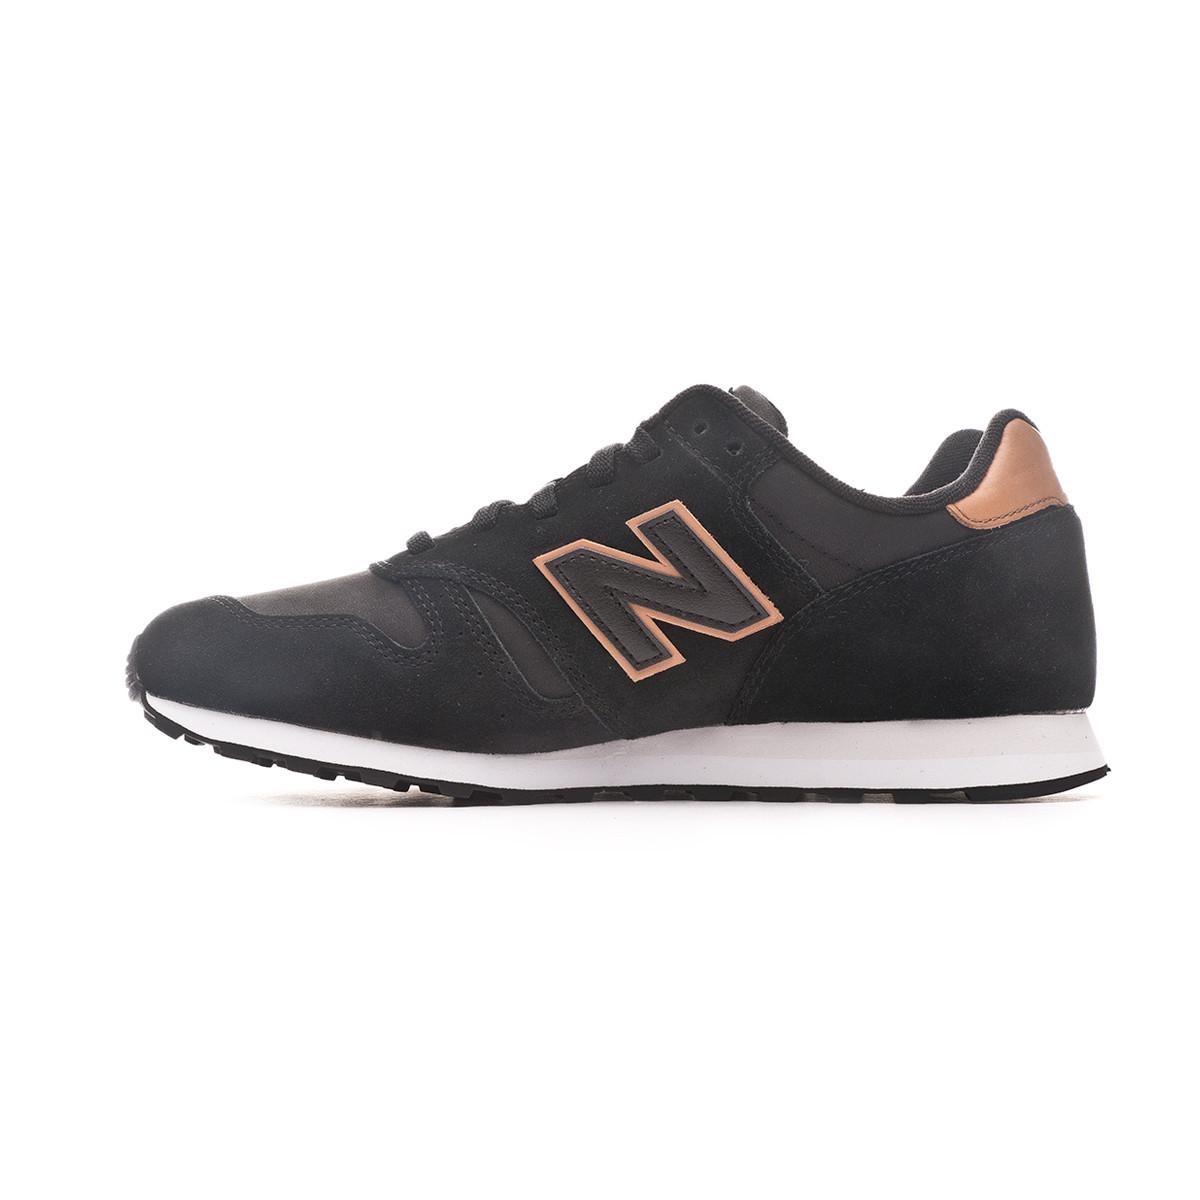 Prezzi speciali su sneaker New Balance! Galaxus